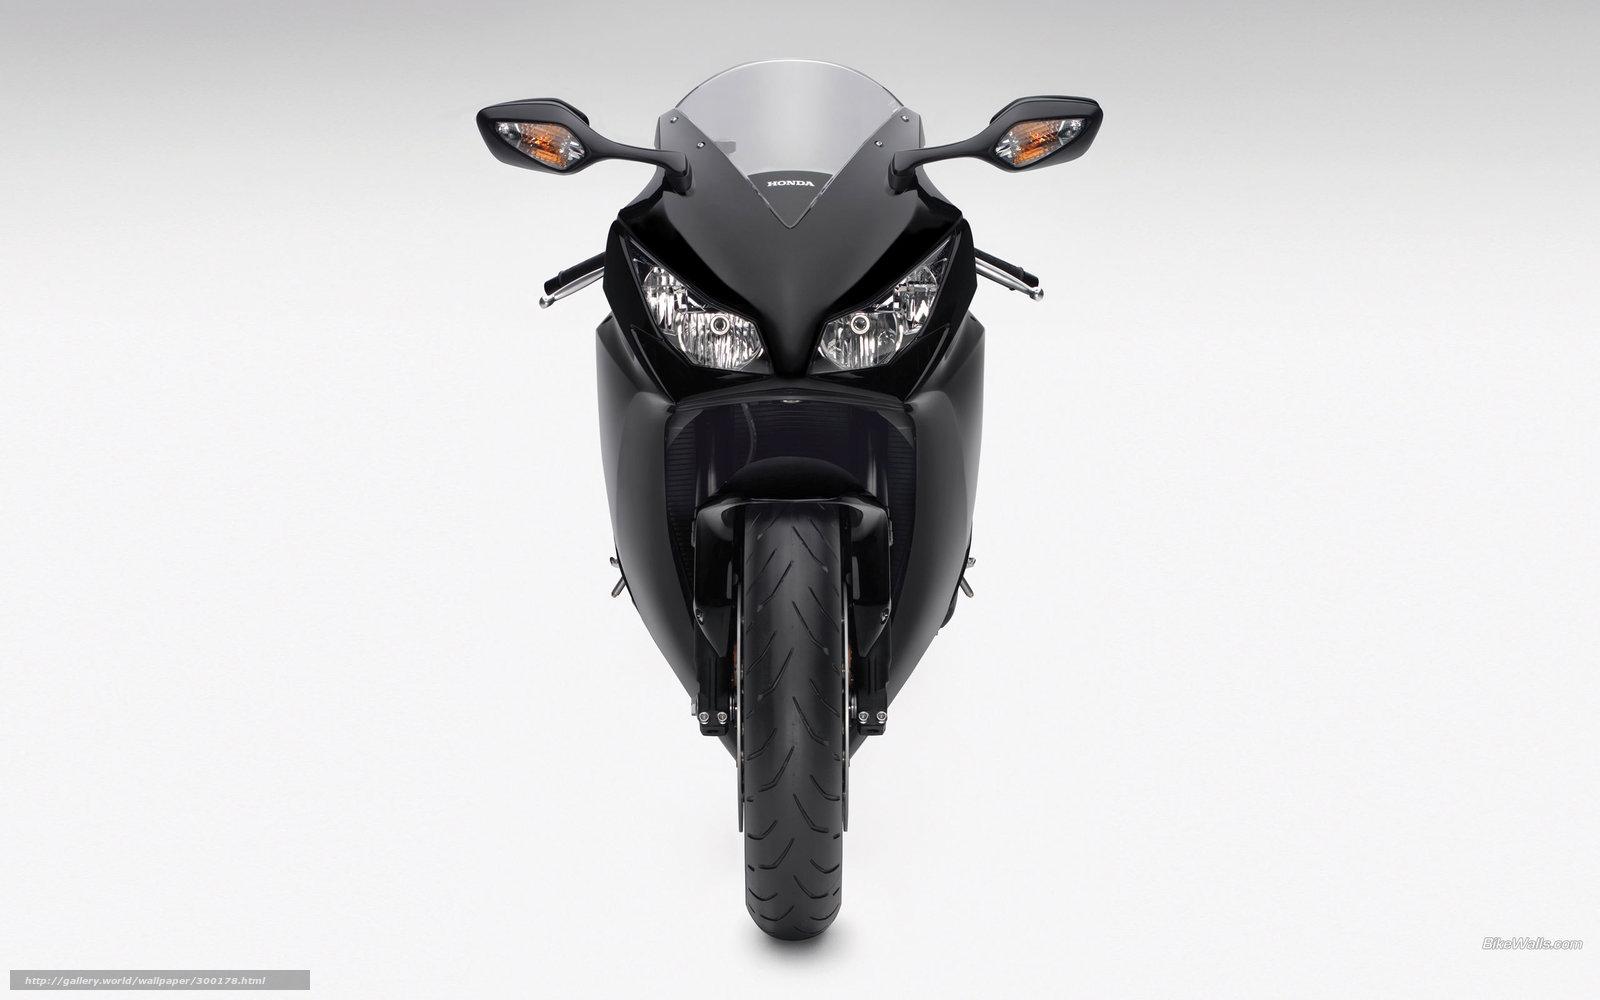 Скачать обои Honda,  Sport,  CBR1000RR,  CBR1000RR 2012 бесплатно для рабочего стола в разрешении 2560x1600 — картинка №300178